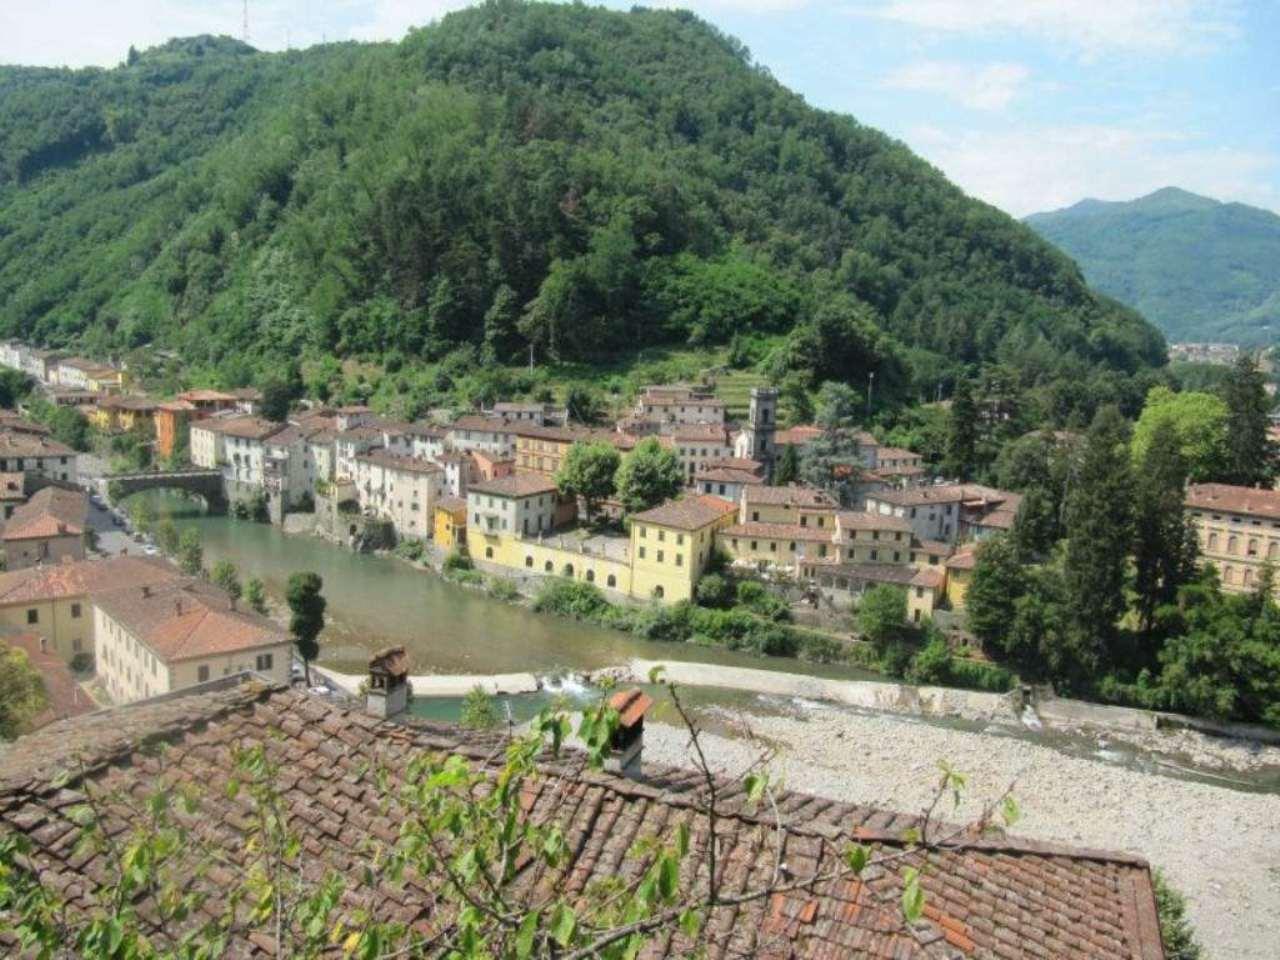 Palazzo / Stabile in vendita a Bagni di Lucca, 9999 locali, prezzo € 550.000 | CambioCasa.it